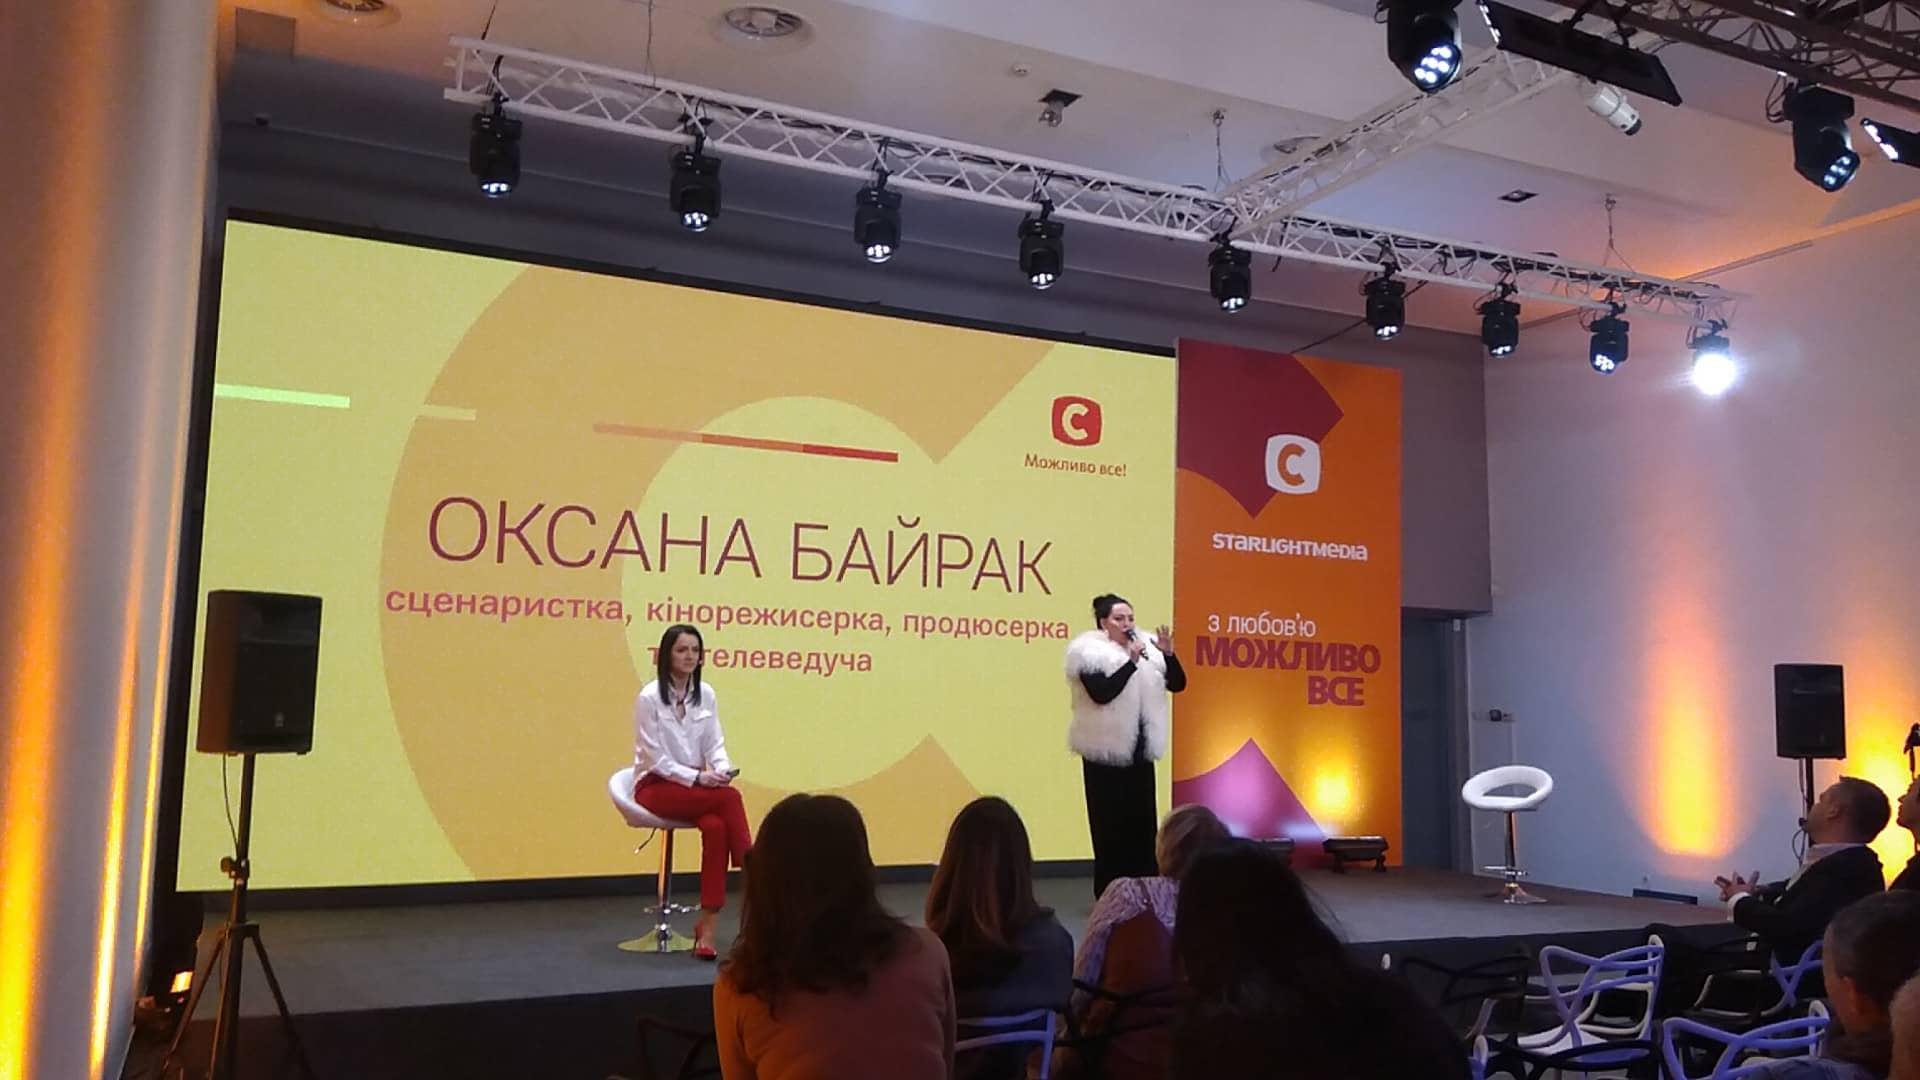 https://telekritika.ua/tk-static/2020/01/oksana-bajoak-prezentcija-sstb-23-01-2020.jpg